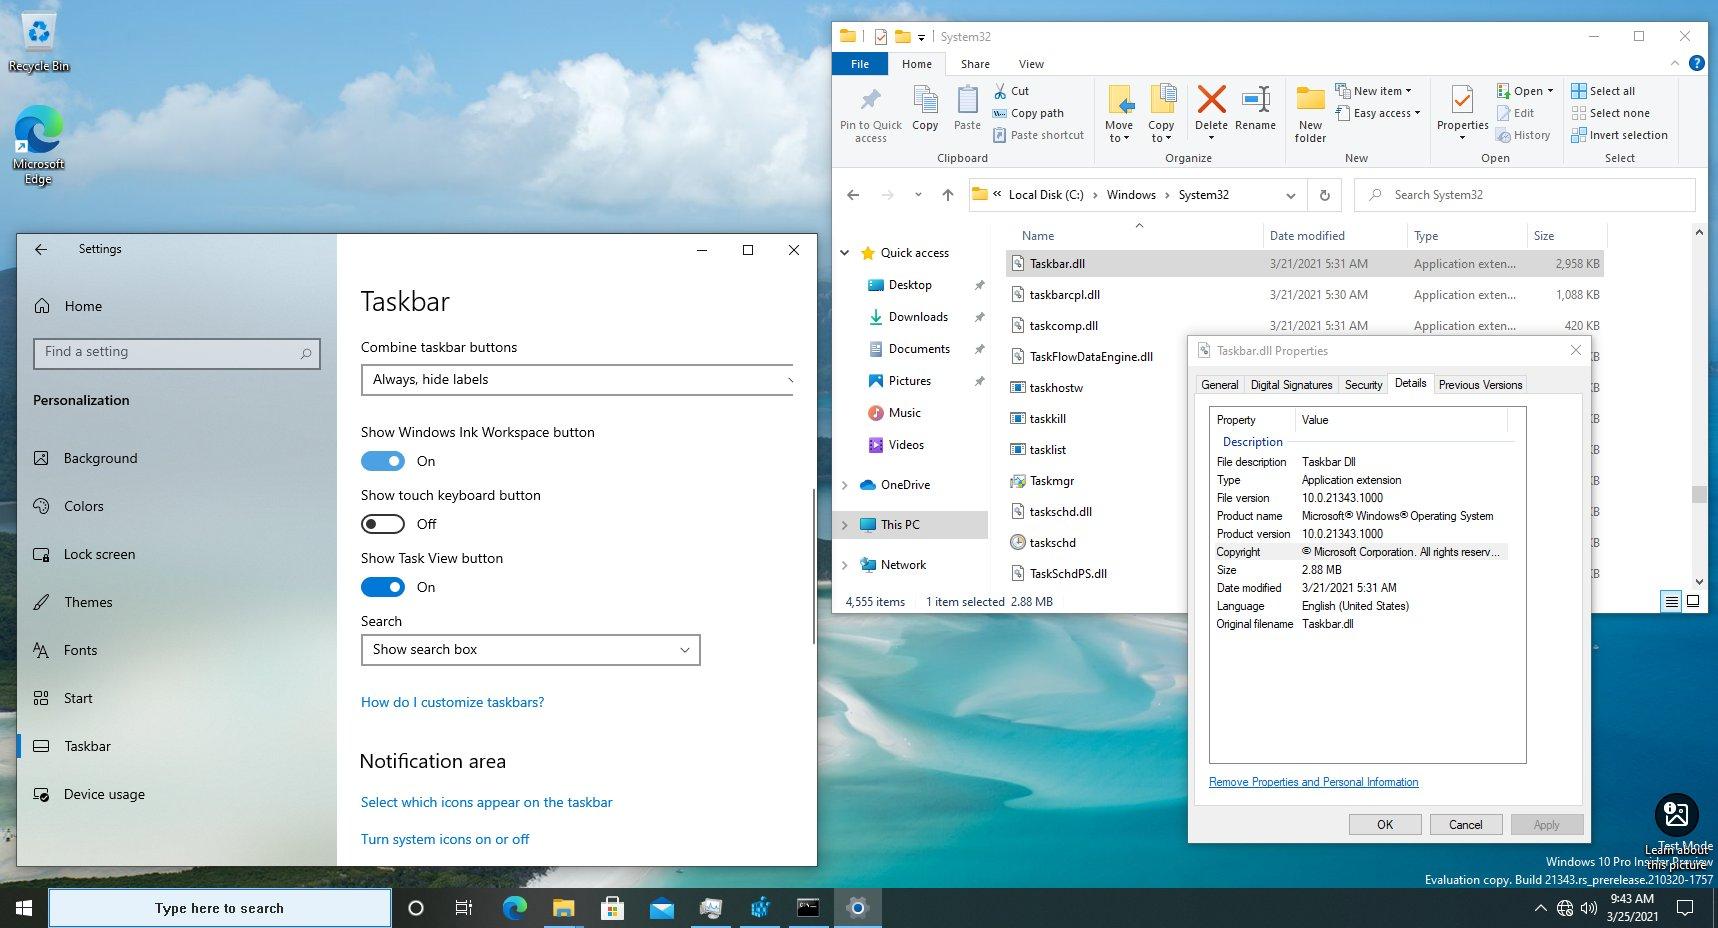 Windows 10 is getting an updated Taskbar.dll - MSPoweruser